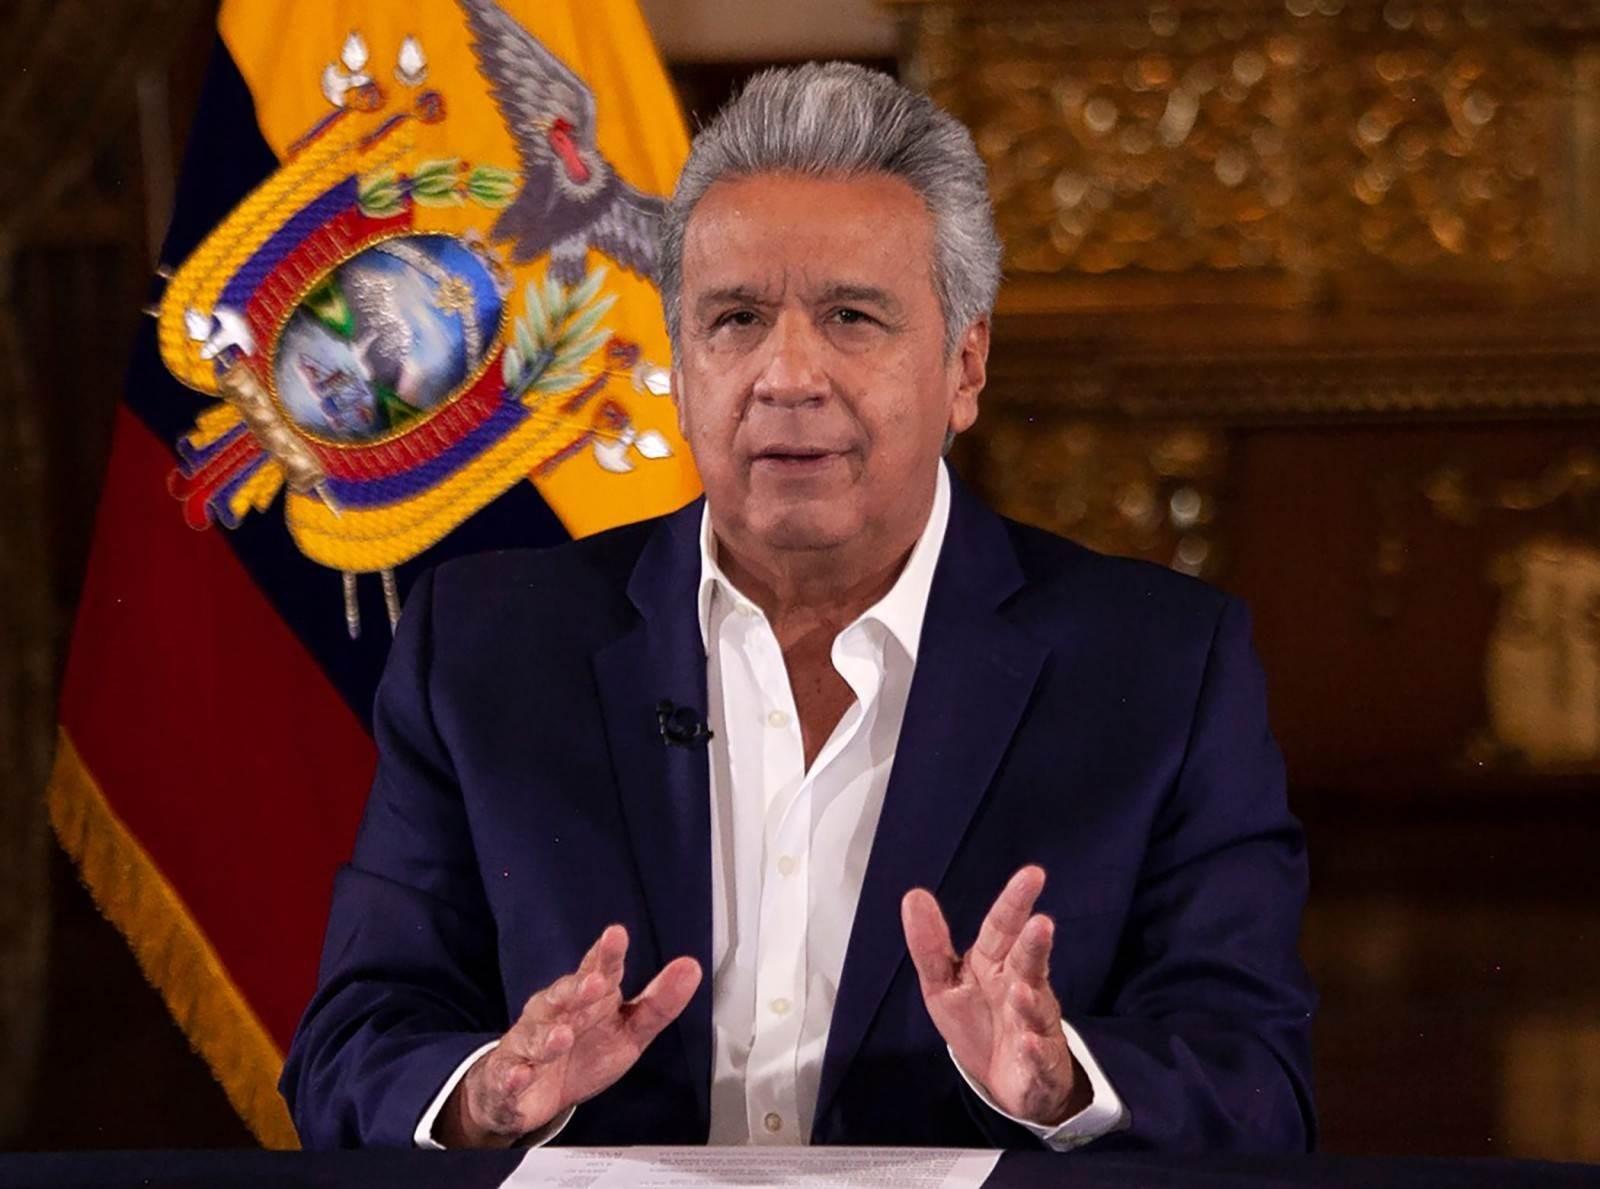 رئيس الإكوادور يخفّض راتبه ورواتب مسؤولين 50% بسبب كورونا